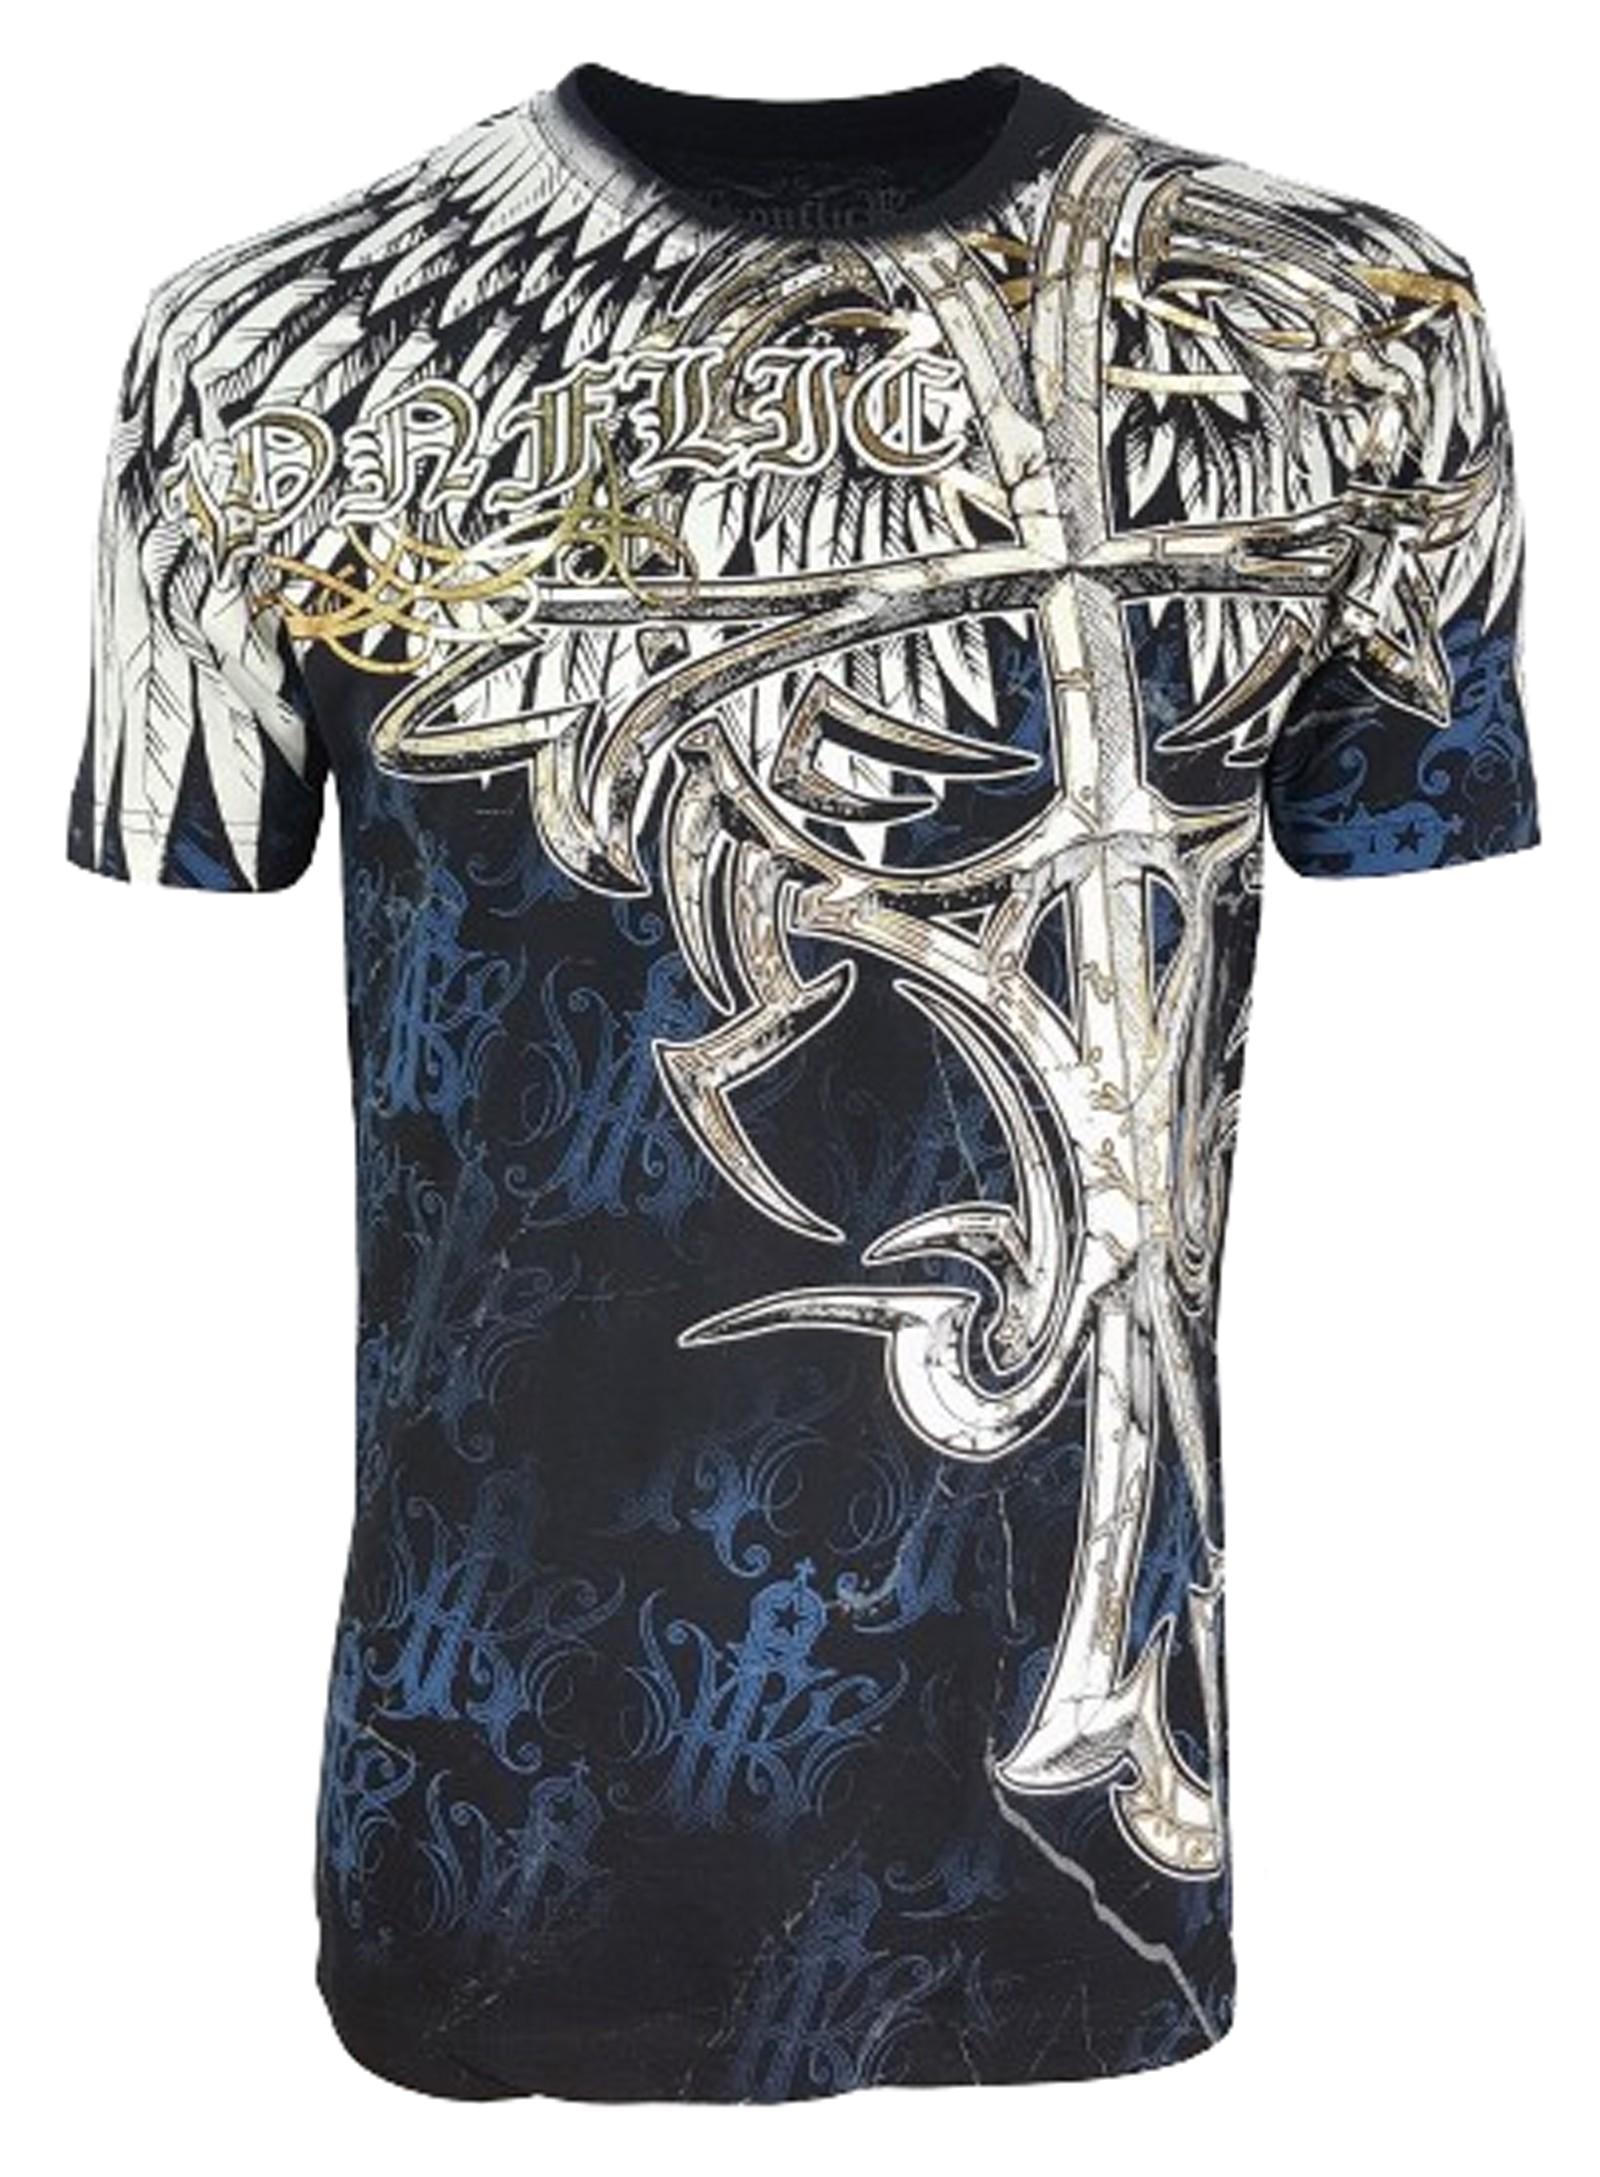 Konflic Clothing - Crusader T-Shirt